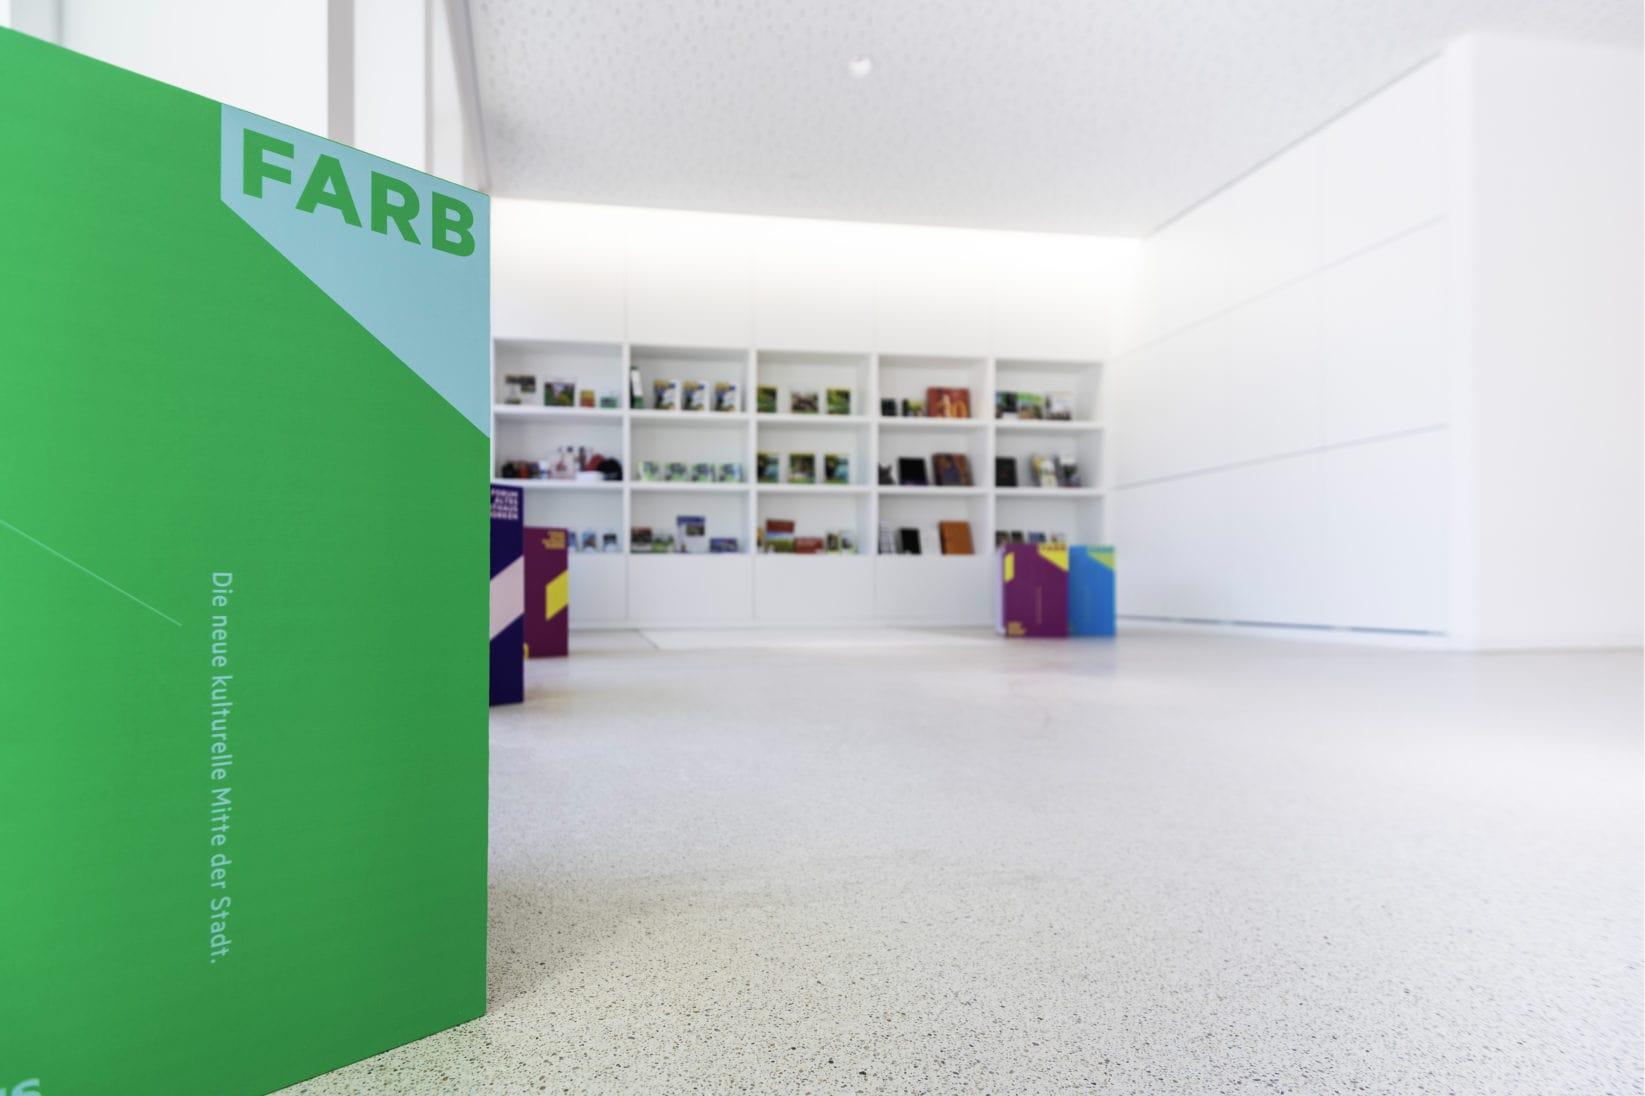 Farb Foyer Innenansicht